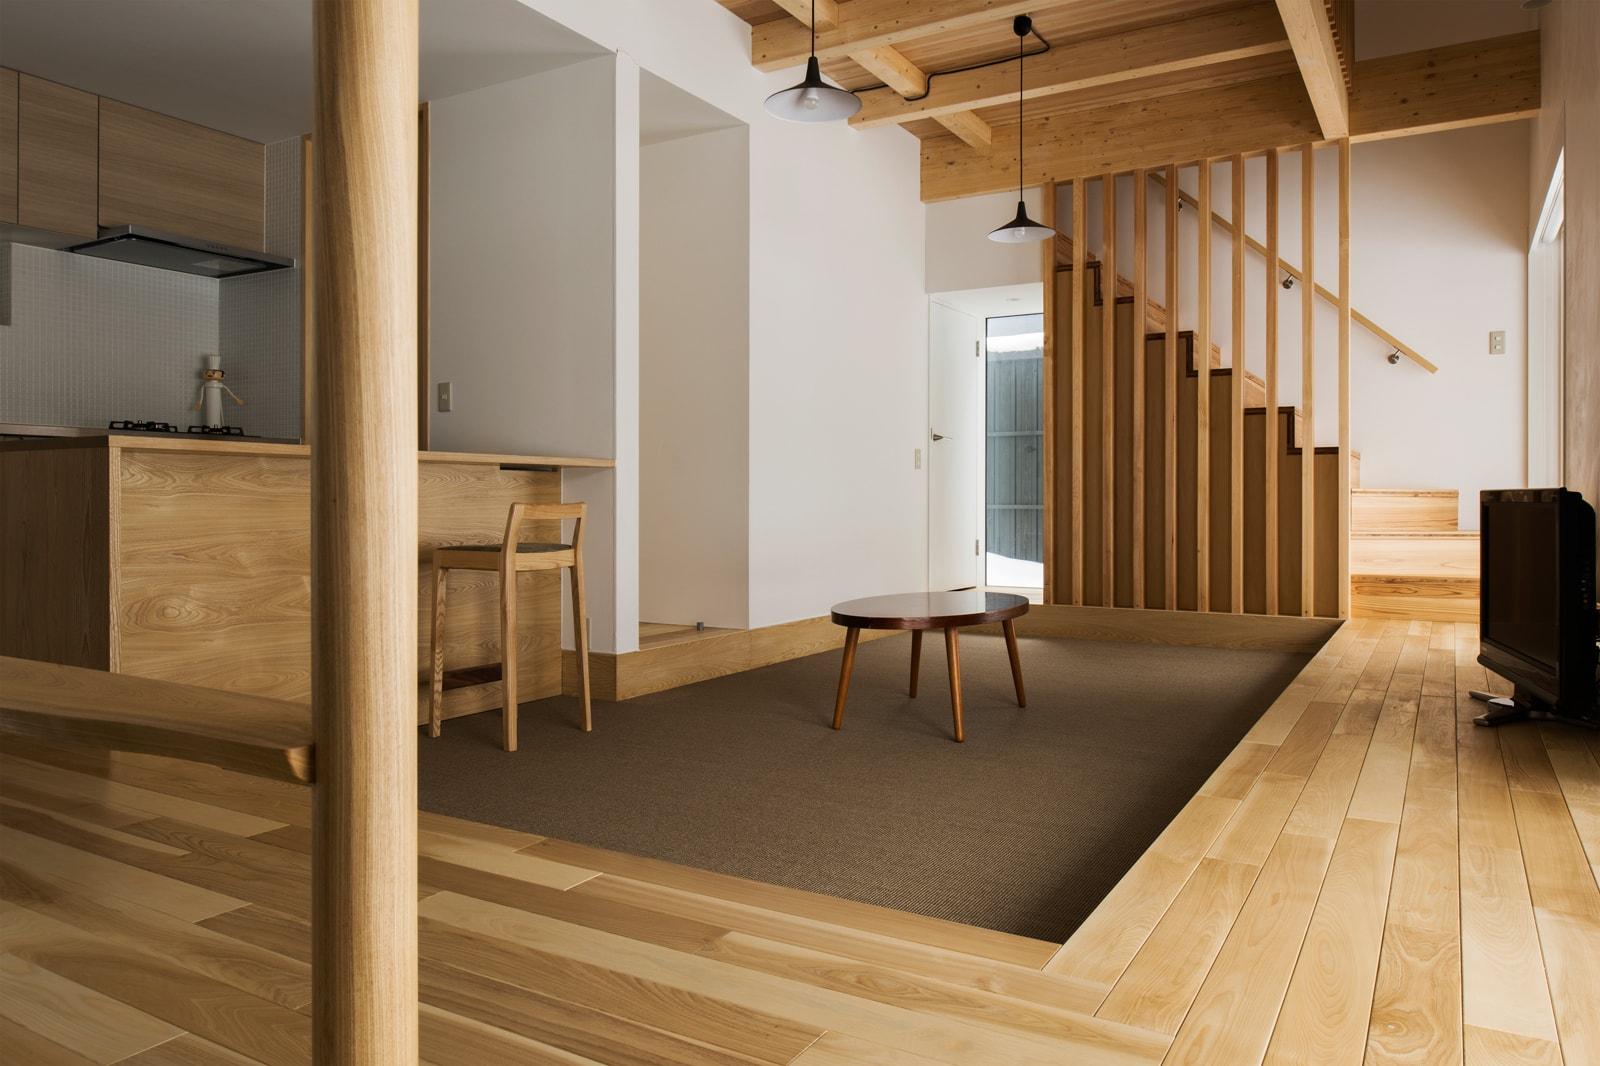 くつろぎに制限がなく自由ということで床座暮らしにしたこのお宅。床暖房で冬も快適に過ごせる